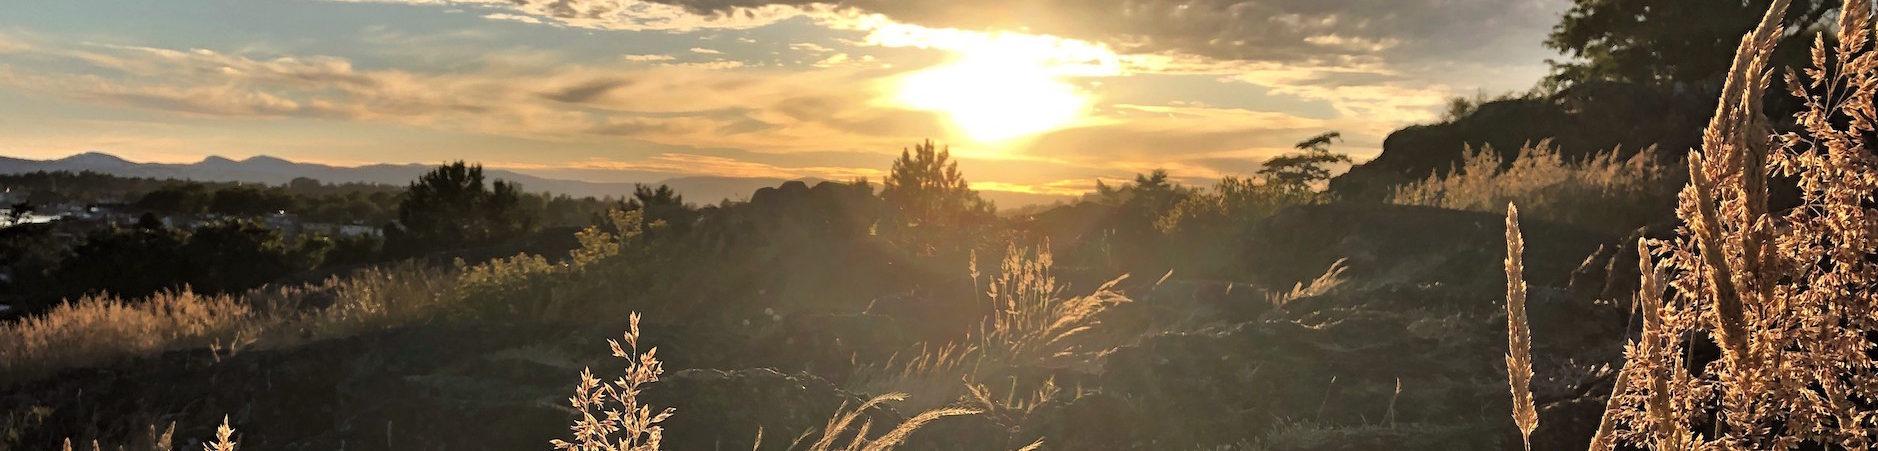 Sunset view of a grass swept hillside